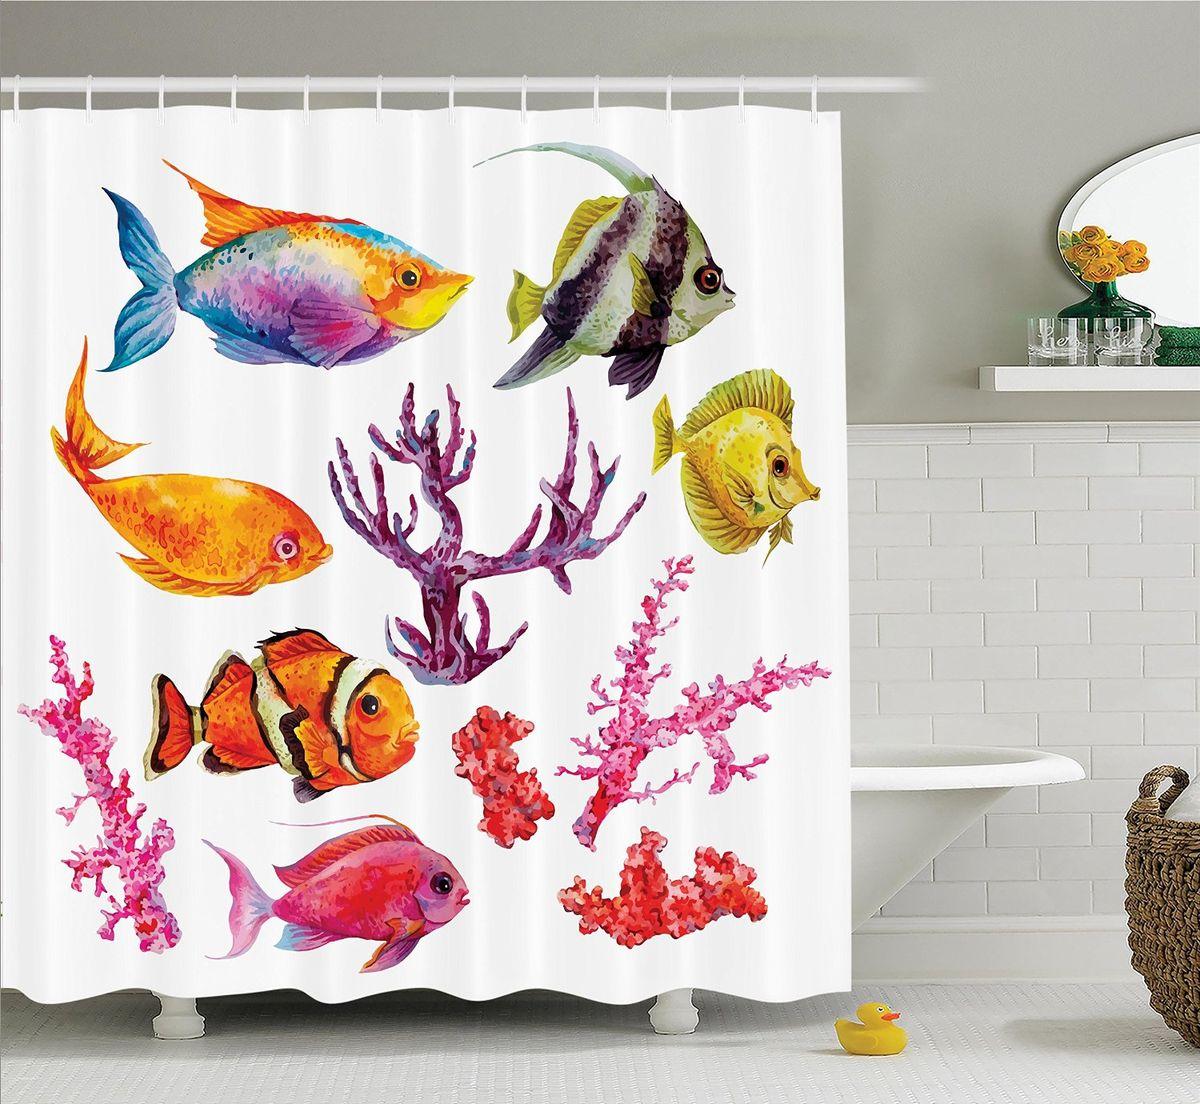 Штора для ванной комнаты Magic Lady Рыбы и кораллы, 180 х 200 смBH0602-CШтора Magic Lady Рыбы и кораллы, изготовленная из высококачественного сатена (полиэстер 100%), отлично дополнит любой интерьер ванной комнаты. При изготовлении используются специальные гипоаллергенные чернила для прямой печати по ткани, безопасные для человека.В комплекте: 1 штора, 12 крючков. Обращаем ваше внимание, фактический цвет изделия может незначительно отличаться от представленного на фото.